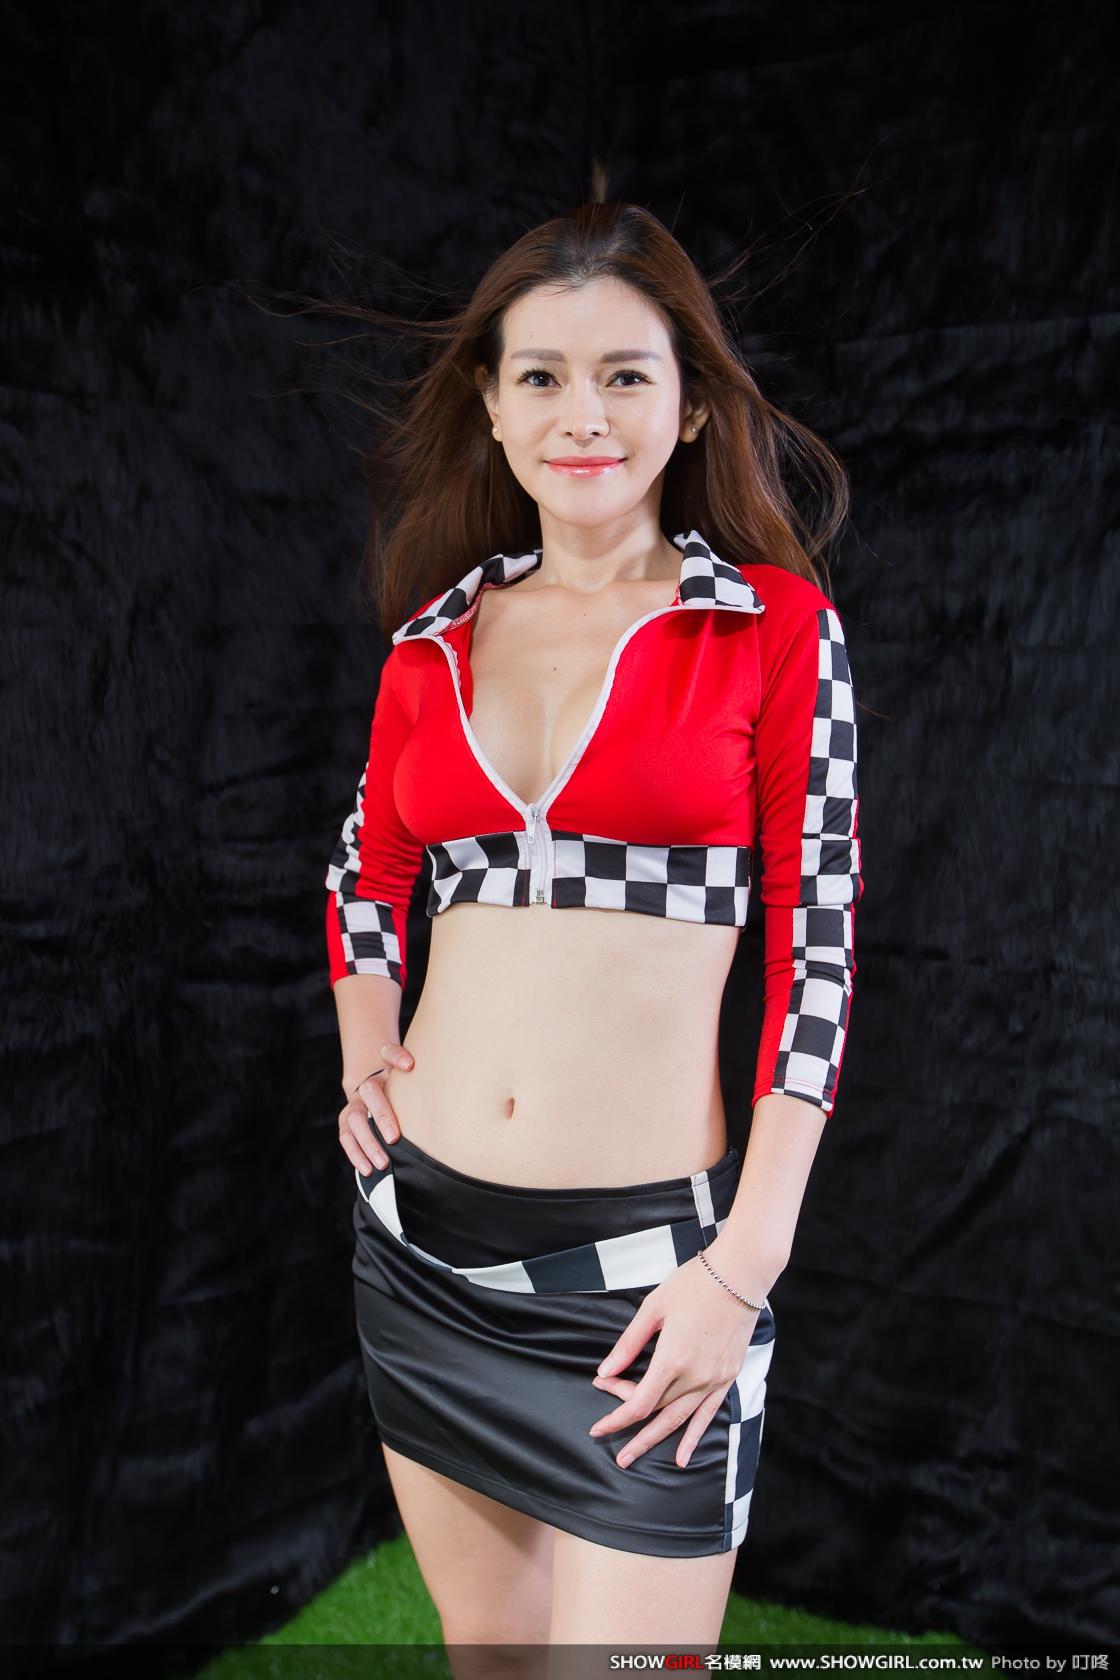 Model - Iris Liu